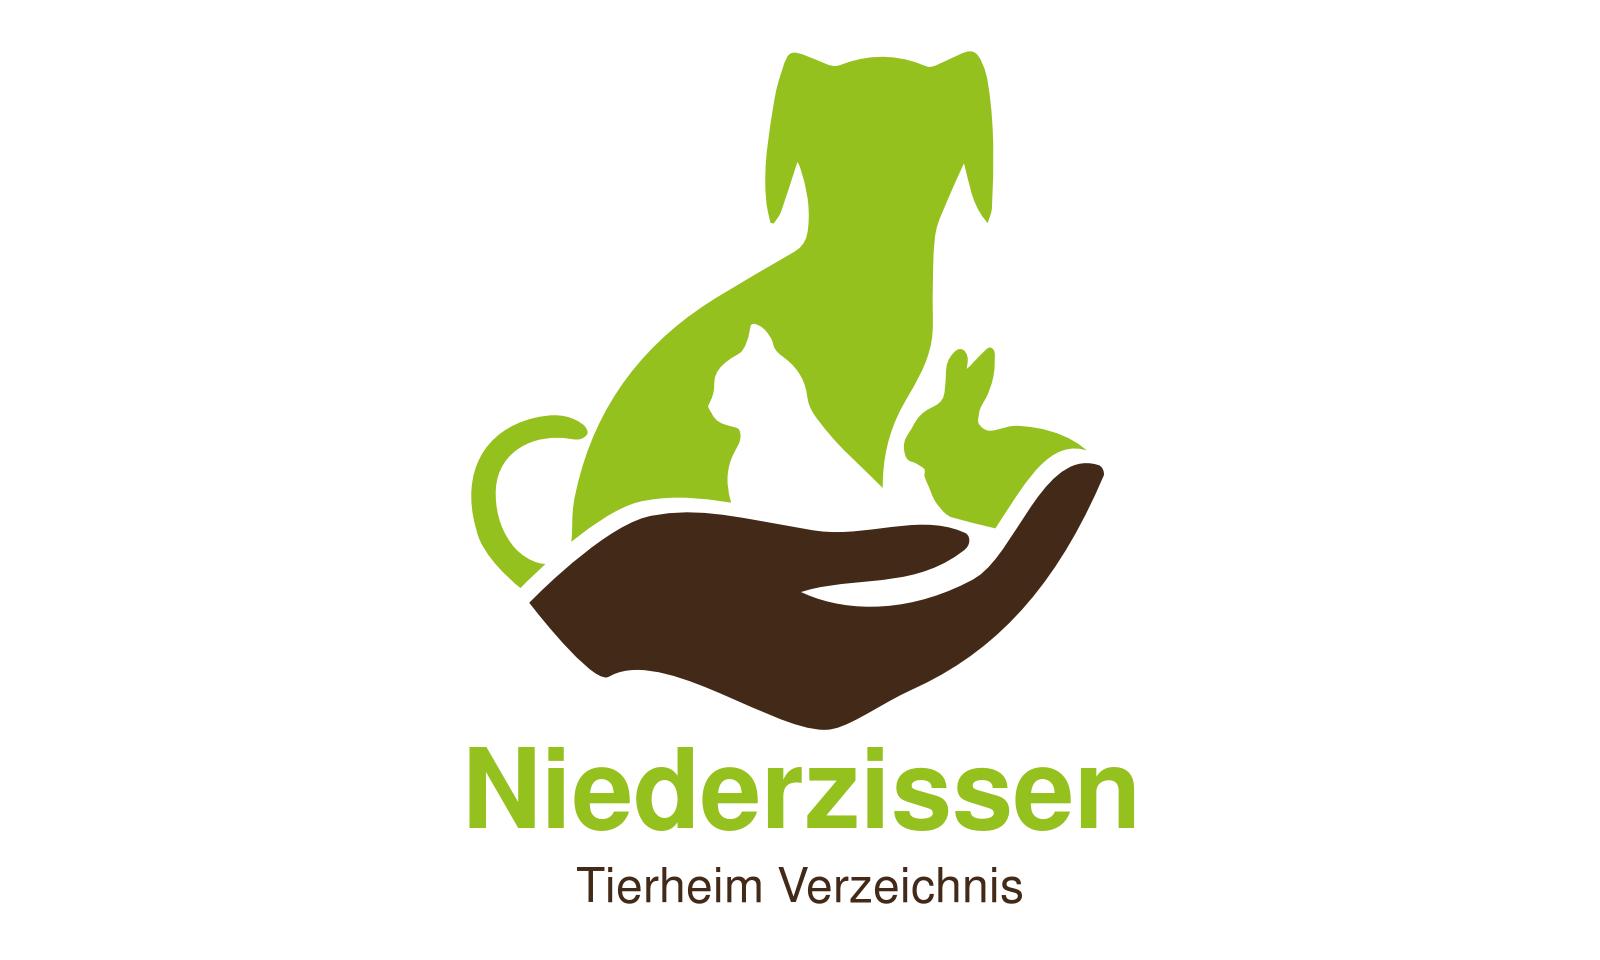 Tierheim Niederzissen